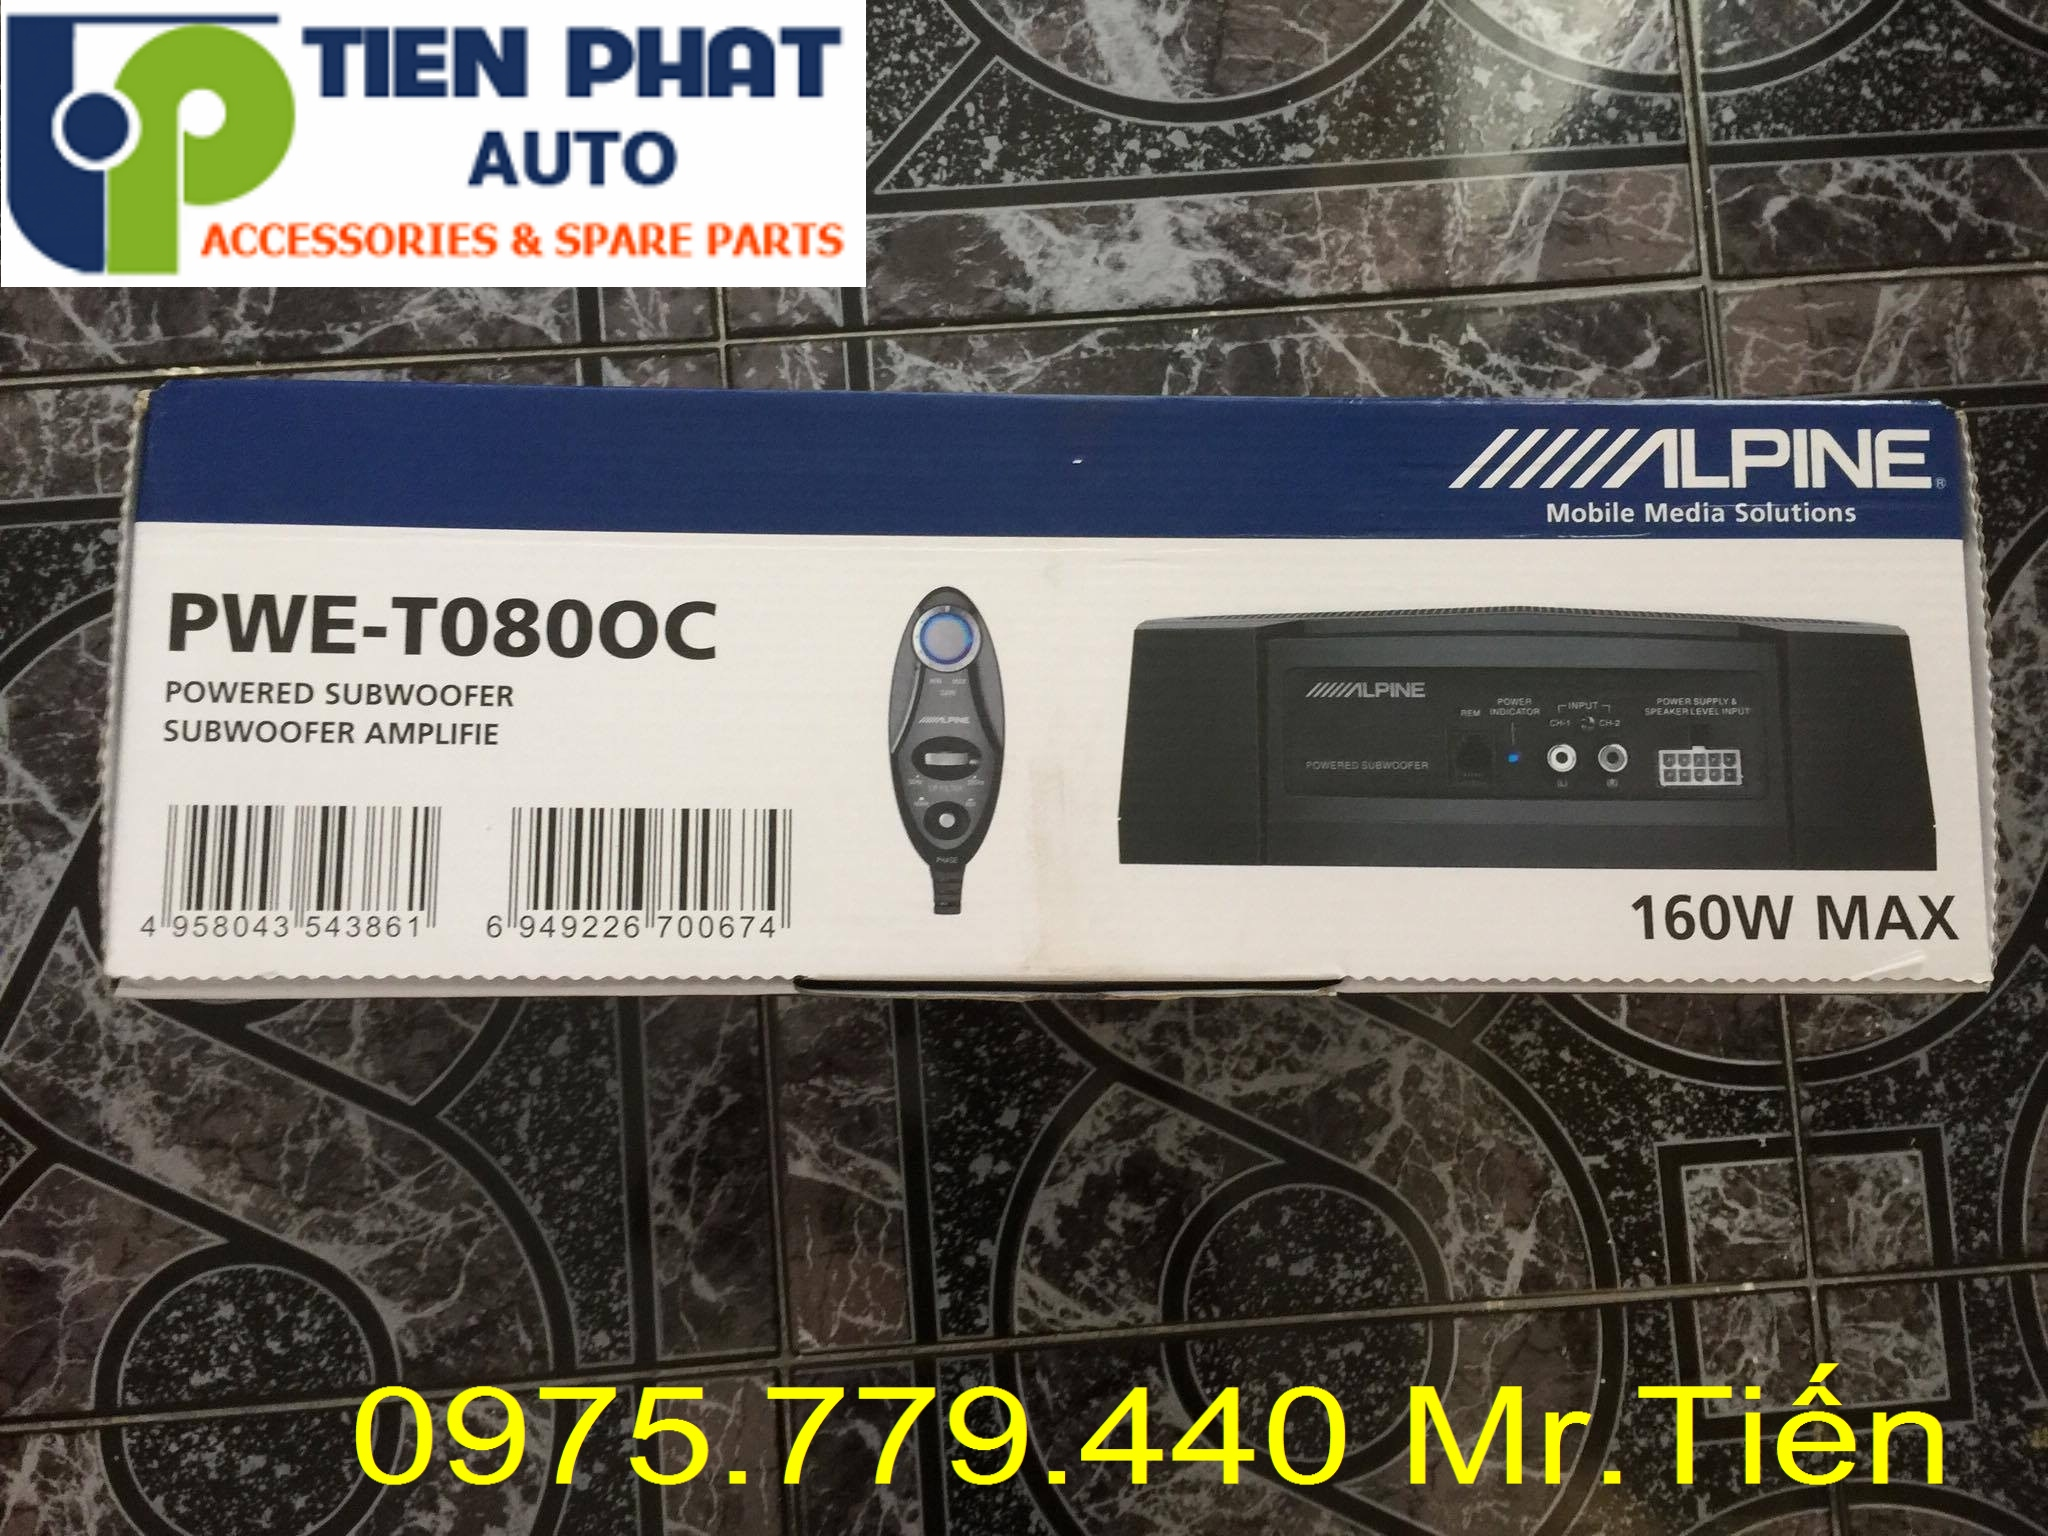 Lắp Loa sub Alpine PWE-T0800C cho Toyota Camry Lắp Đặt Tận Nơi